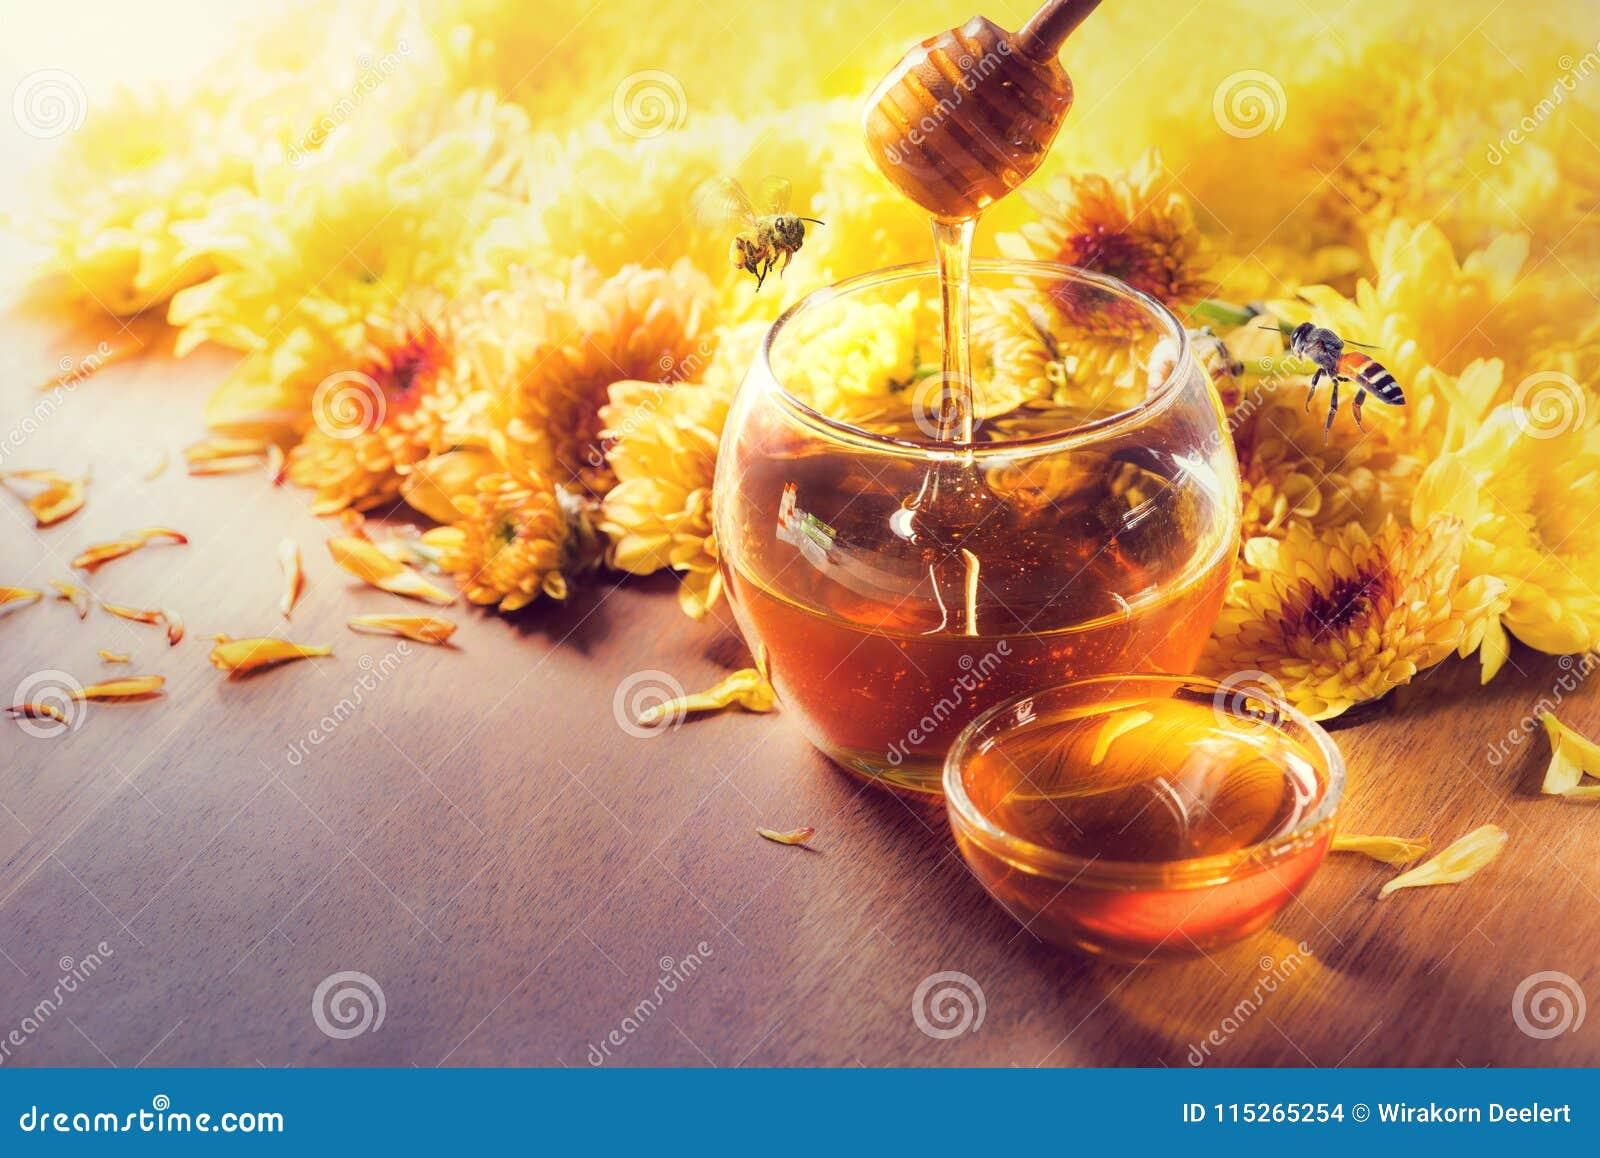 Mel no frasco de vidro com voo e flores da abelha em um assoalho de madeira